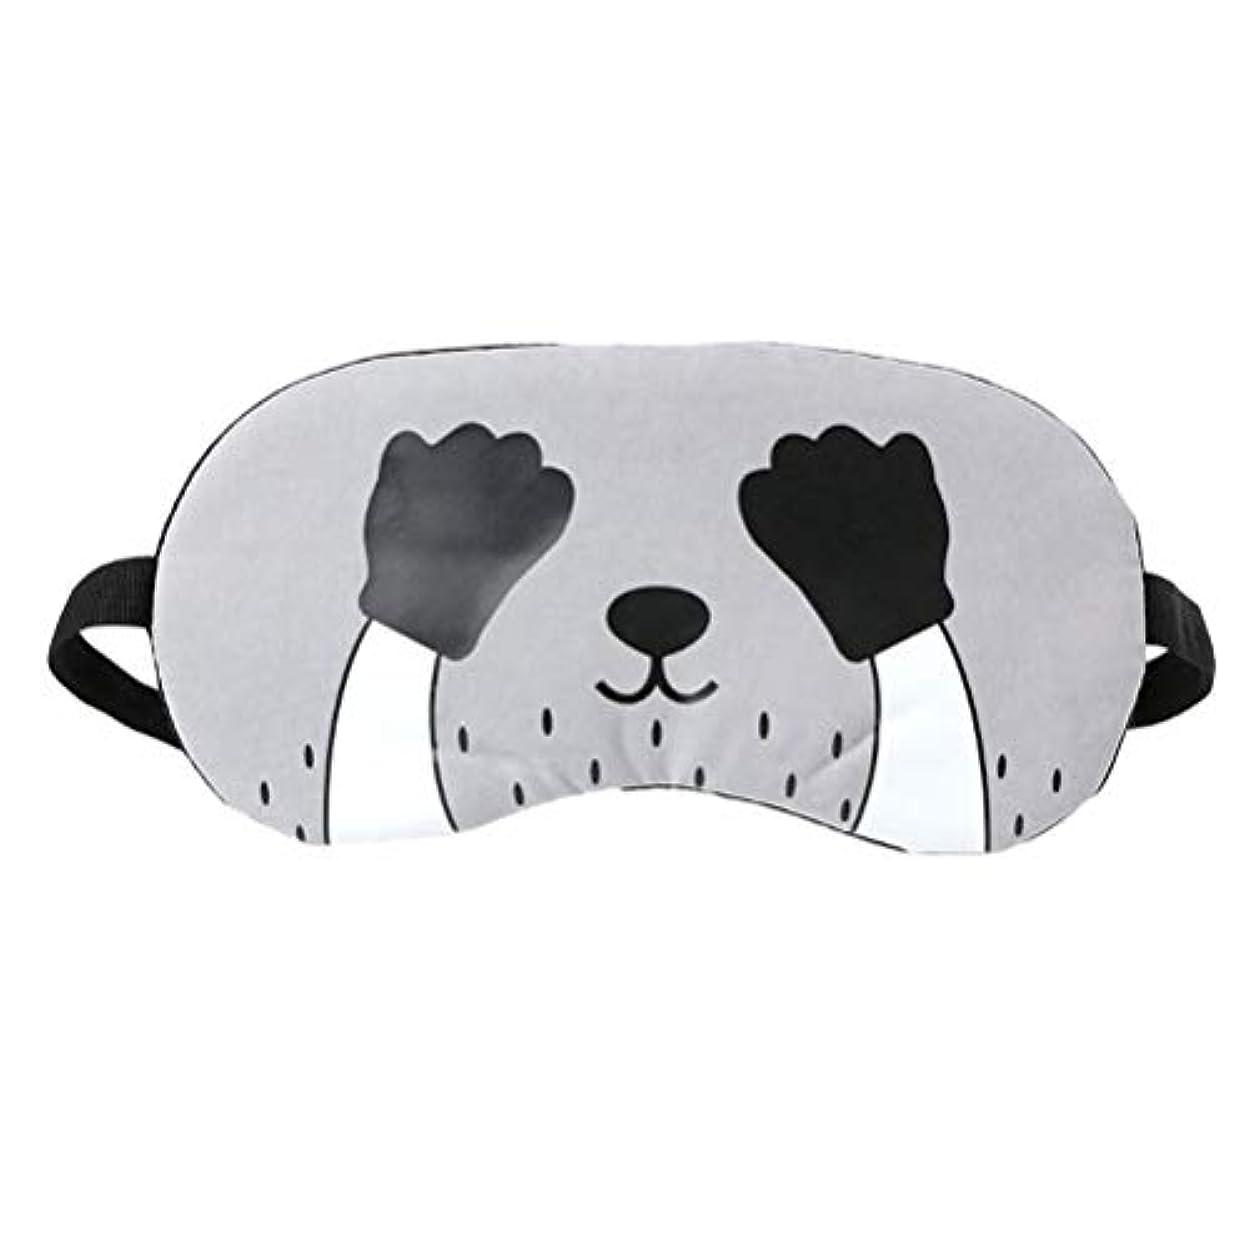 水素生産性カーフHEALIFTY 眠る目のマスクかわいい漫画のプリント氷の圧縮睡眠マスク目隠しの女の子のための